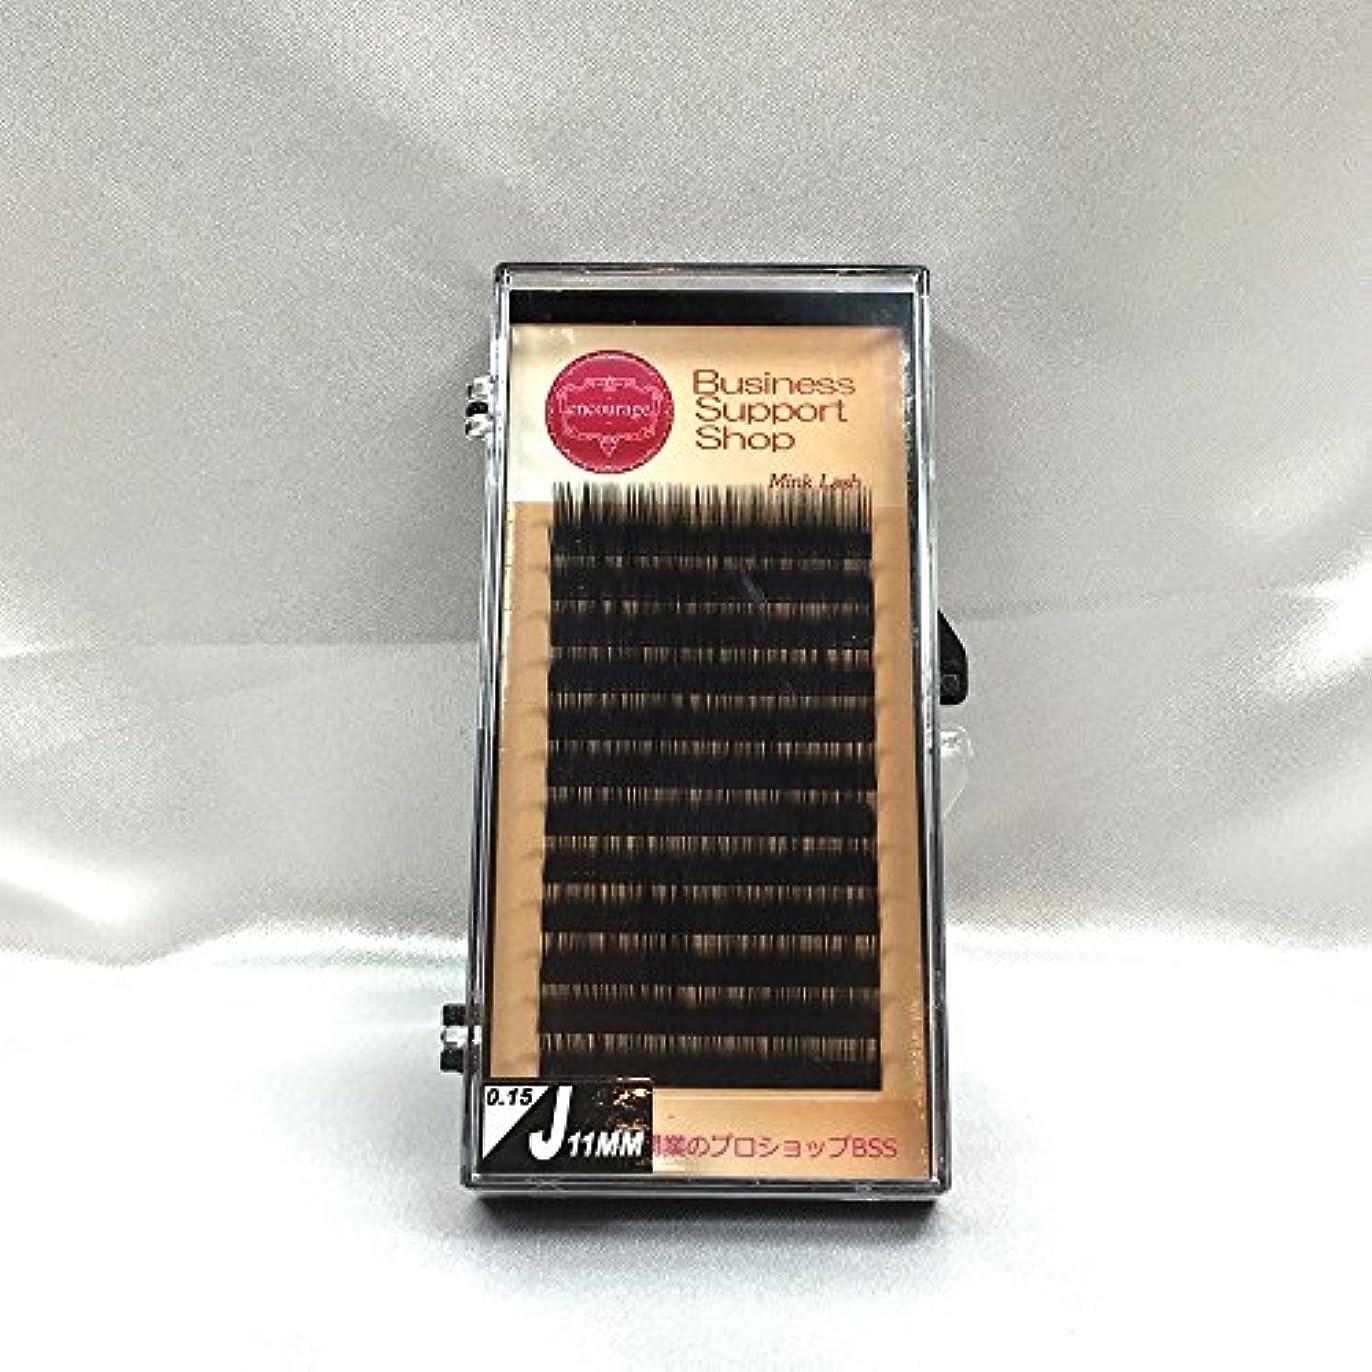 進む音ペナルティまつげエクステ Jカール(太さ長さ指定) 高級ミンクまつげ 12列シートタイプ ケース入り (太0.15 長11mm)